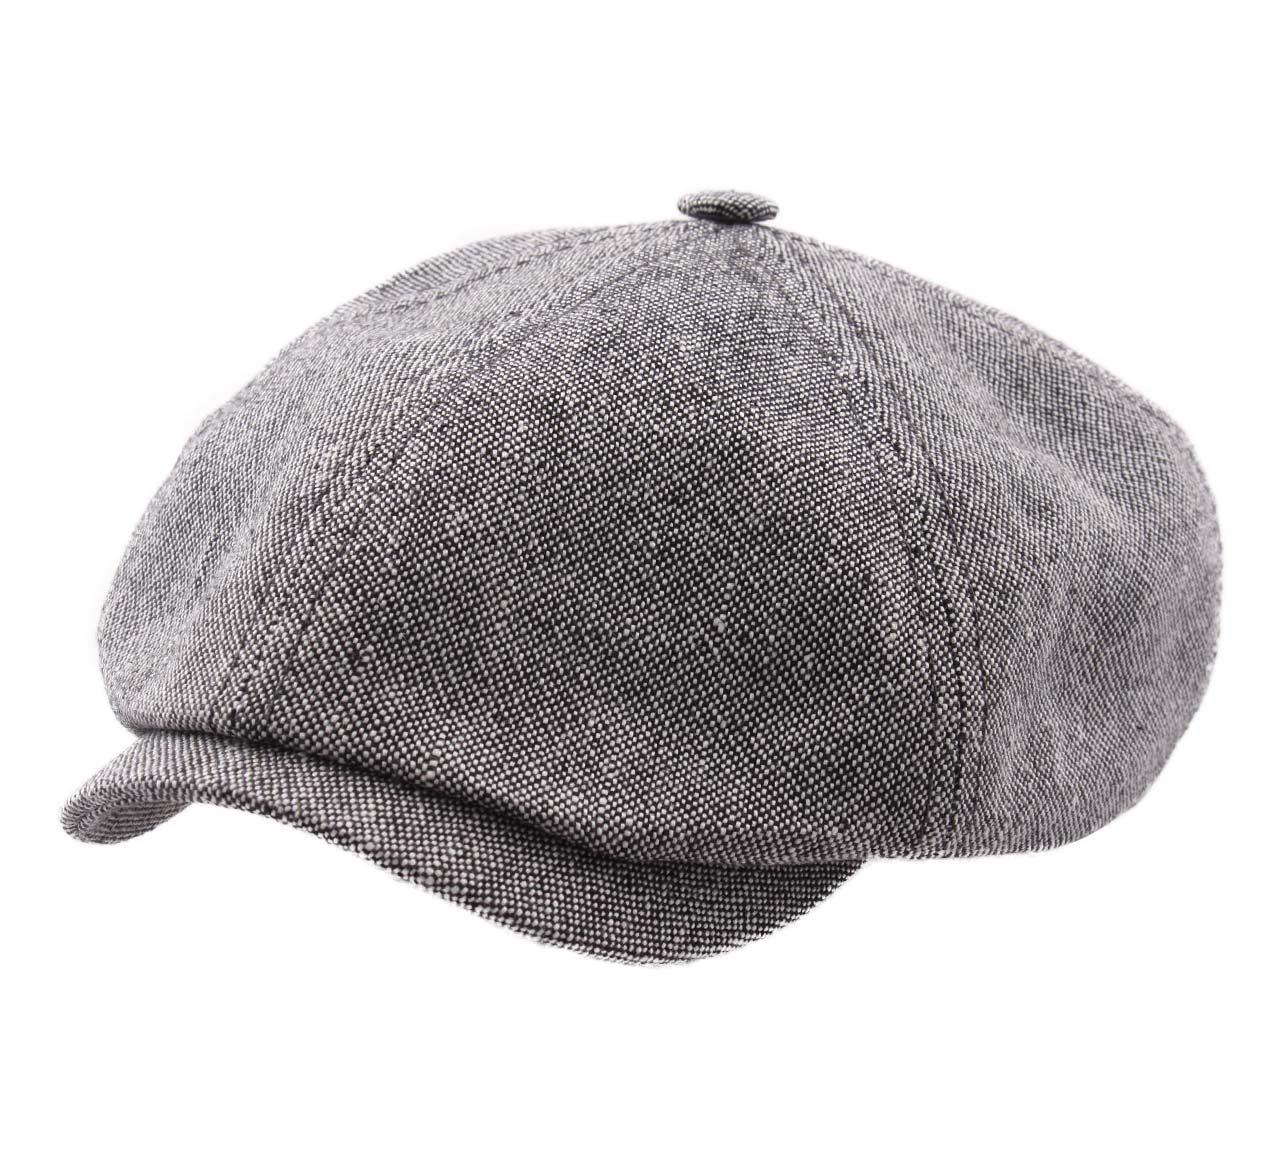 Stetson Panel Cap Linen/Cotton Flat Cap Size L